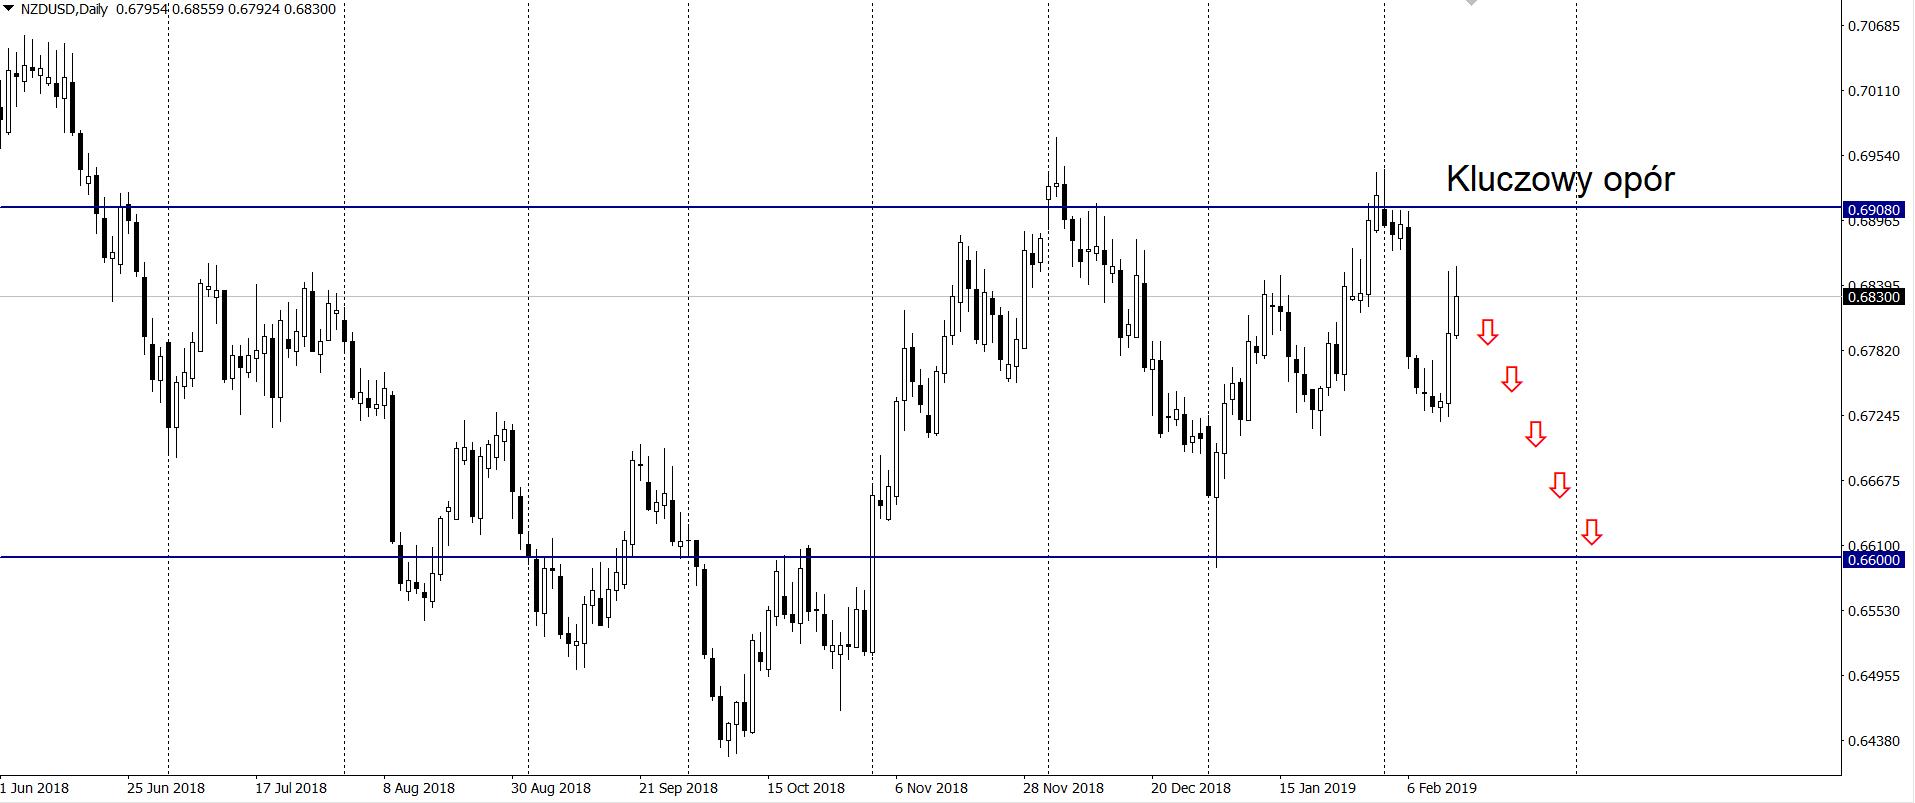 Wzrosty pary NZD/USD ograniczone przez poziom 0,6900 - Westpac